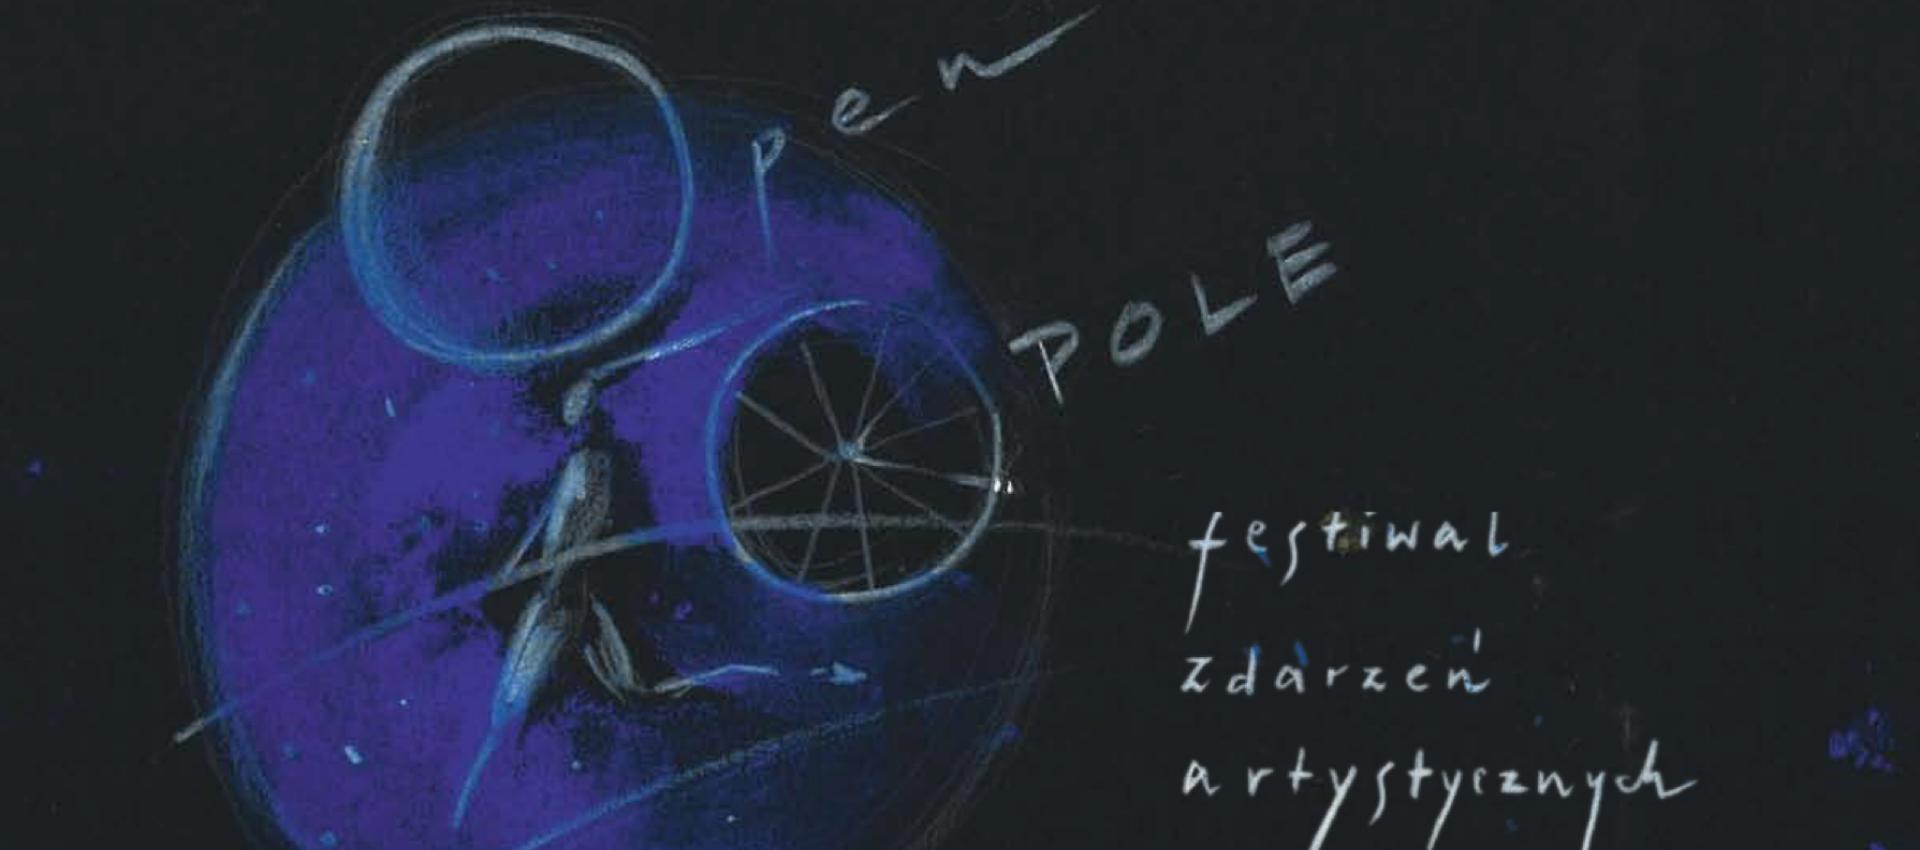 OpenOpole - Festiwal Zdarzeń Artystycznych